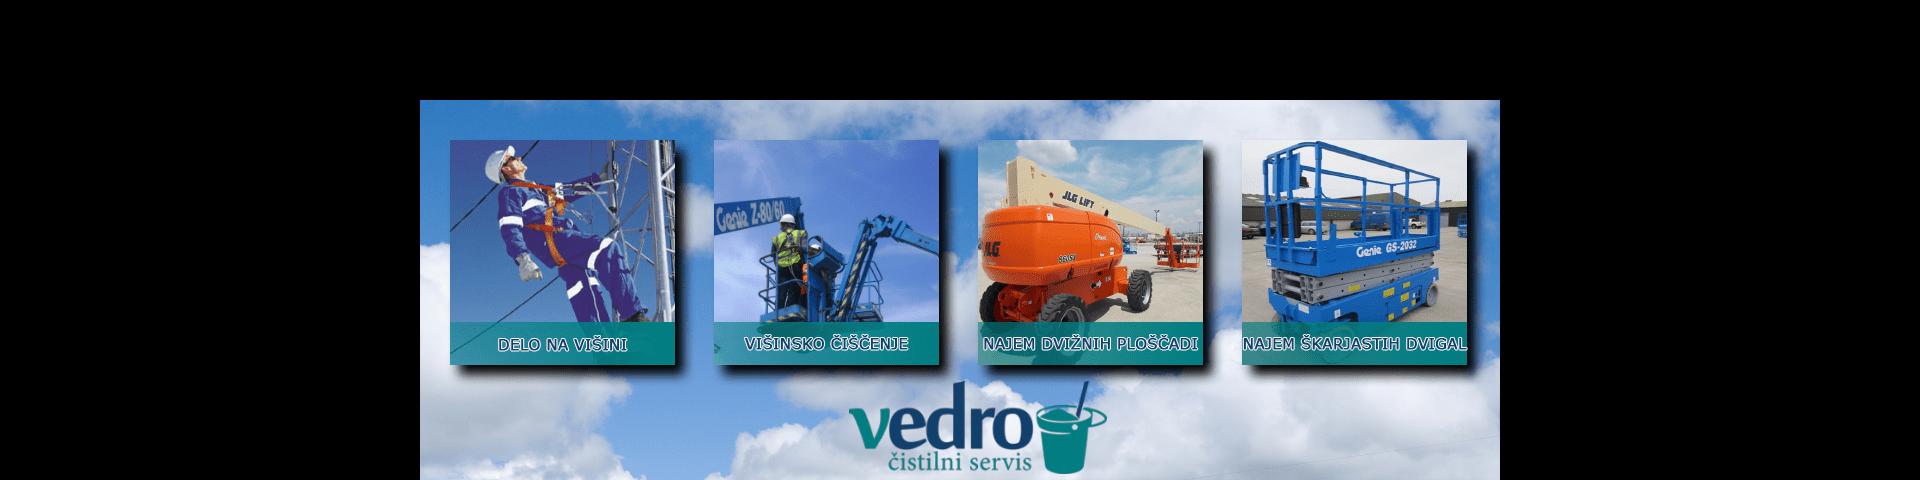 vedro-banner-006